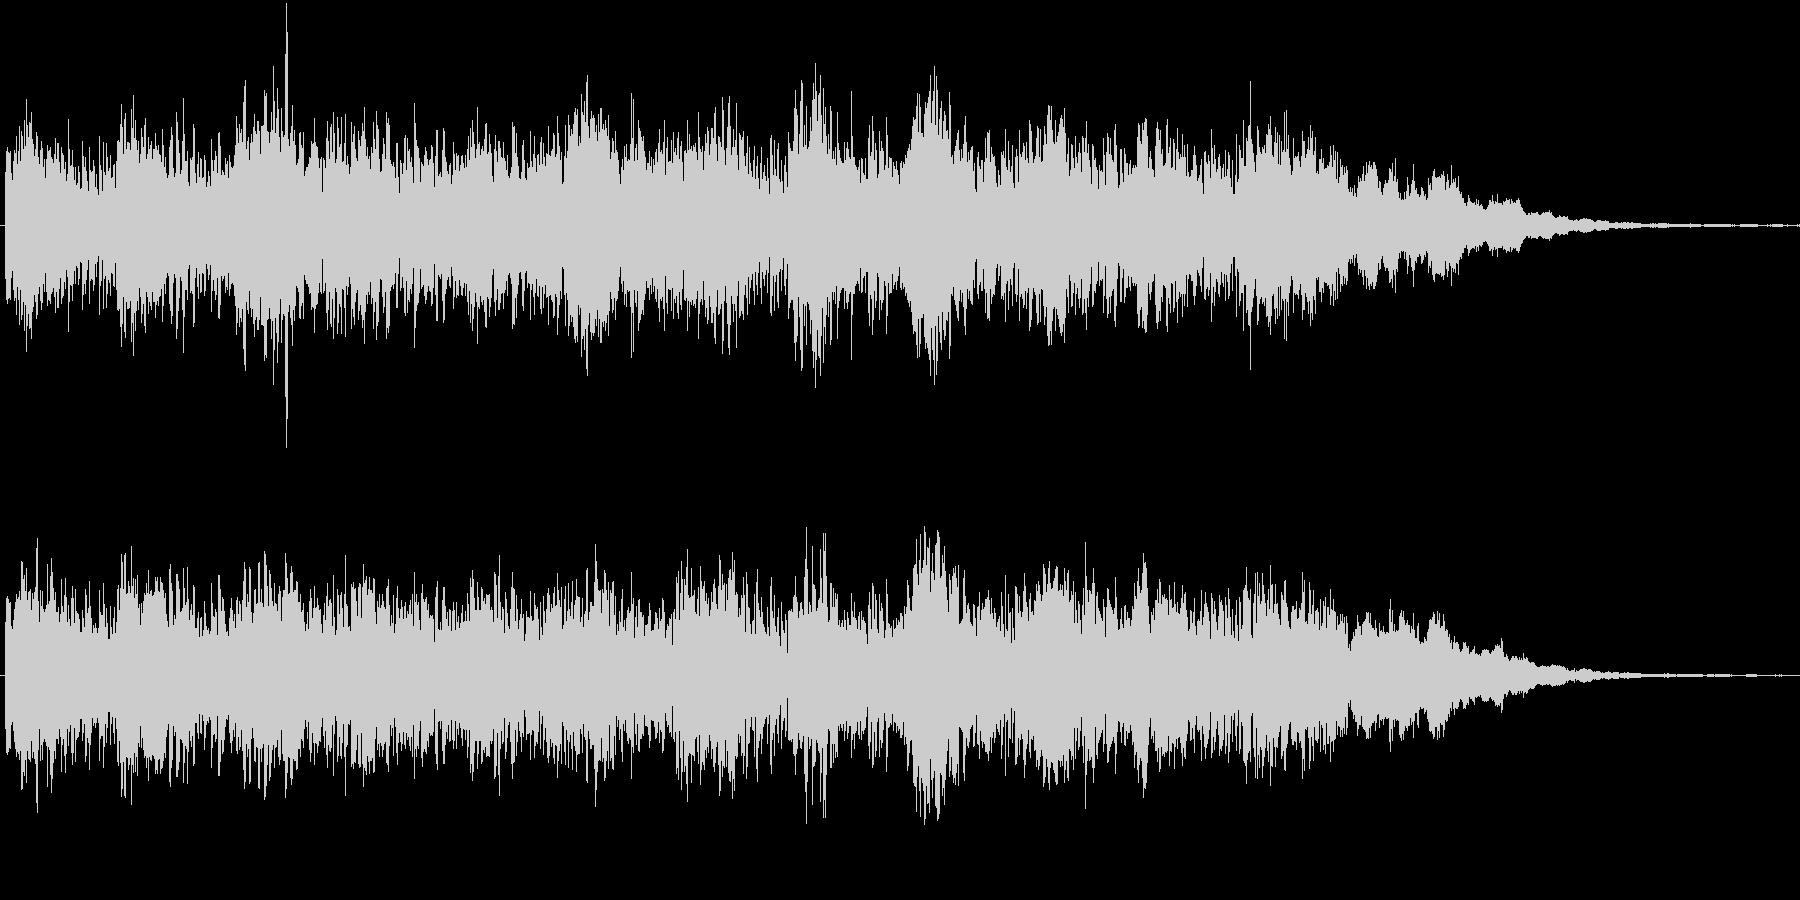 シンセの音色が印象的な奇妙なジングルの未再生の波形